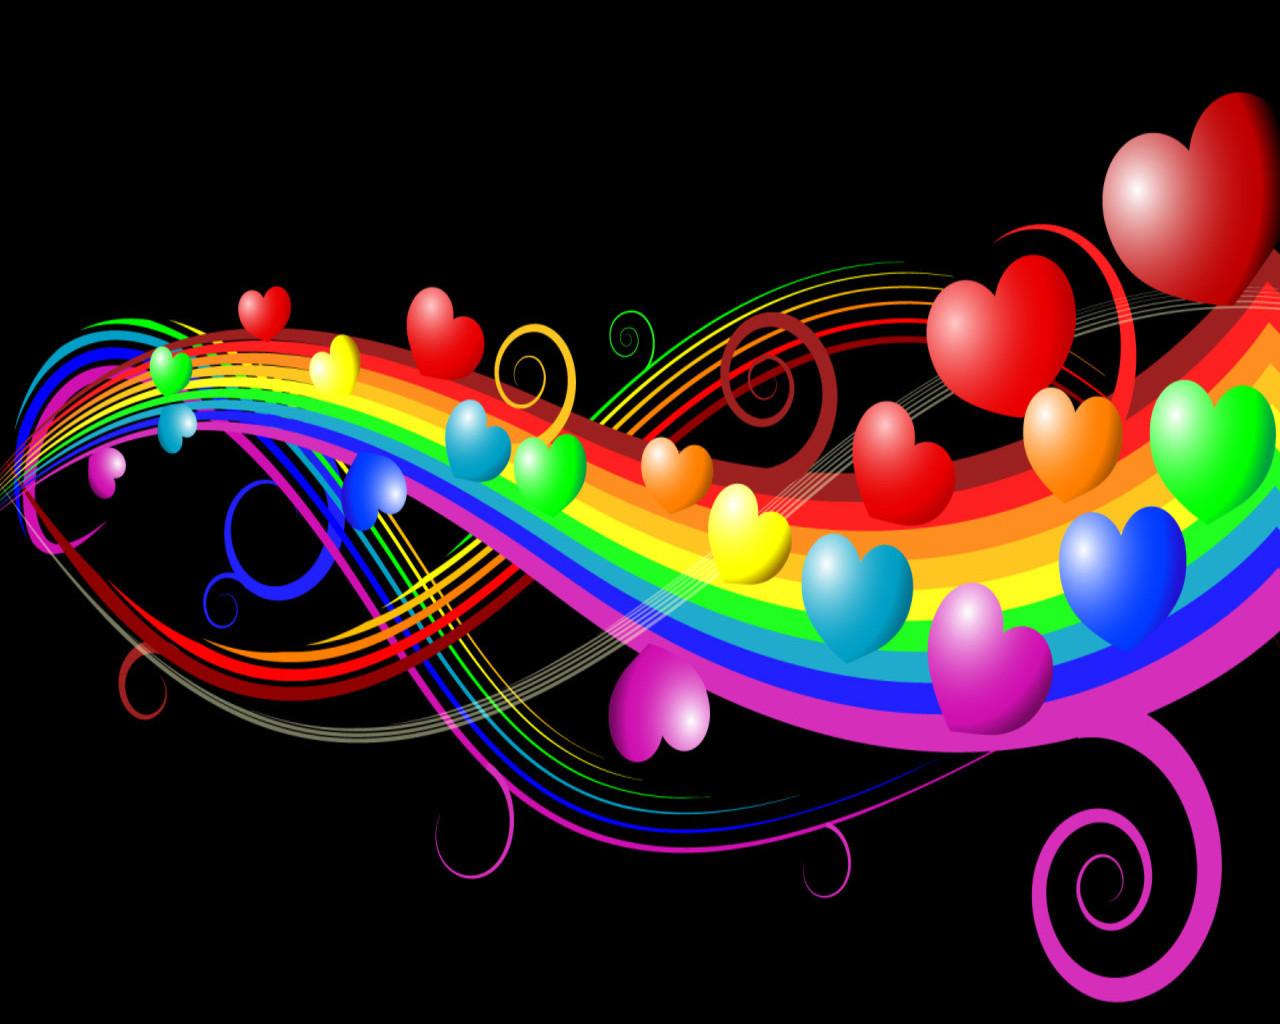 Corazones en un arcoiris